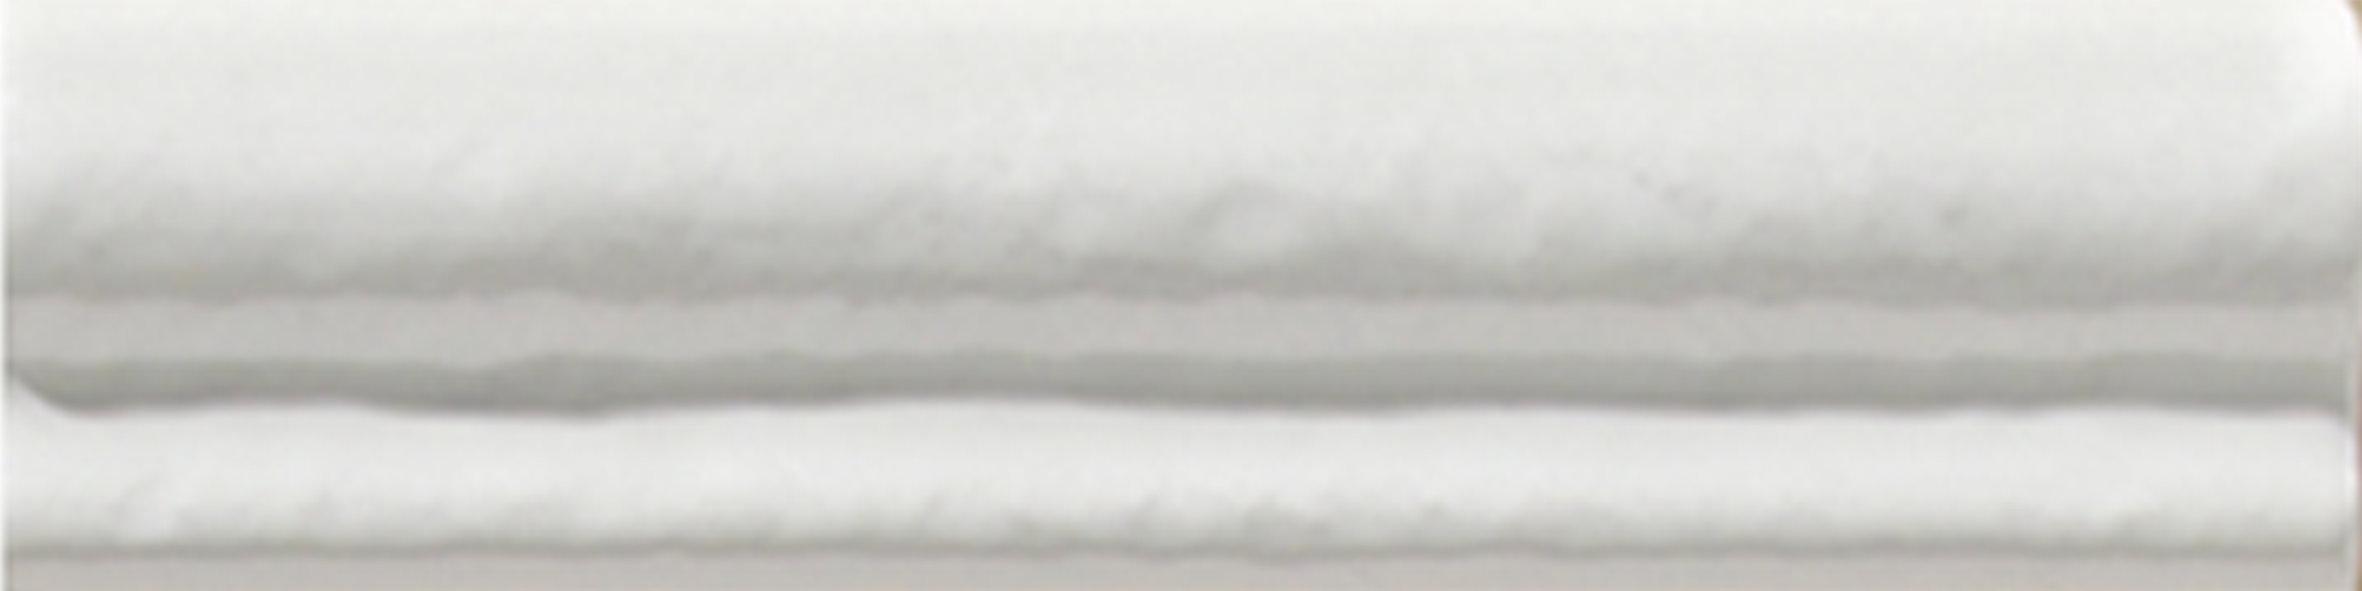 Porte Moldura Reflet Blanco 5x20 - Hansas Plaadimaailm